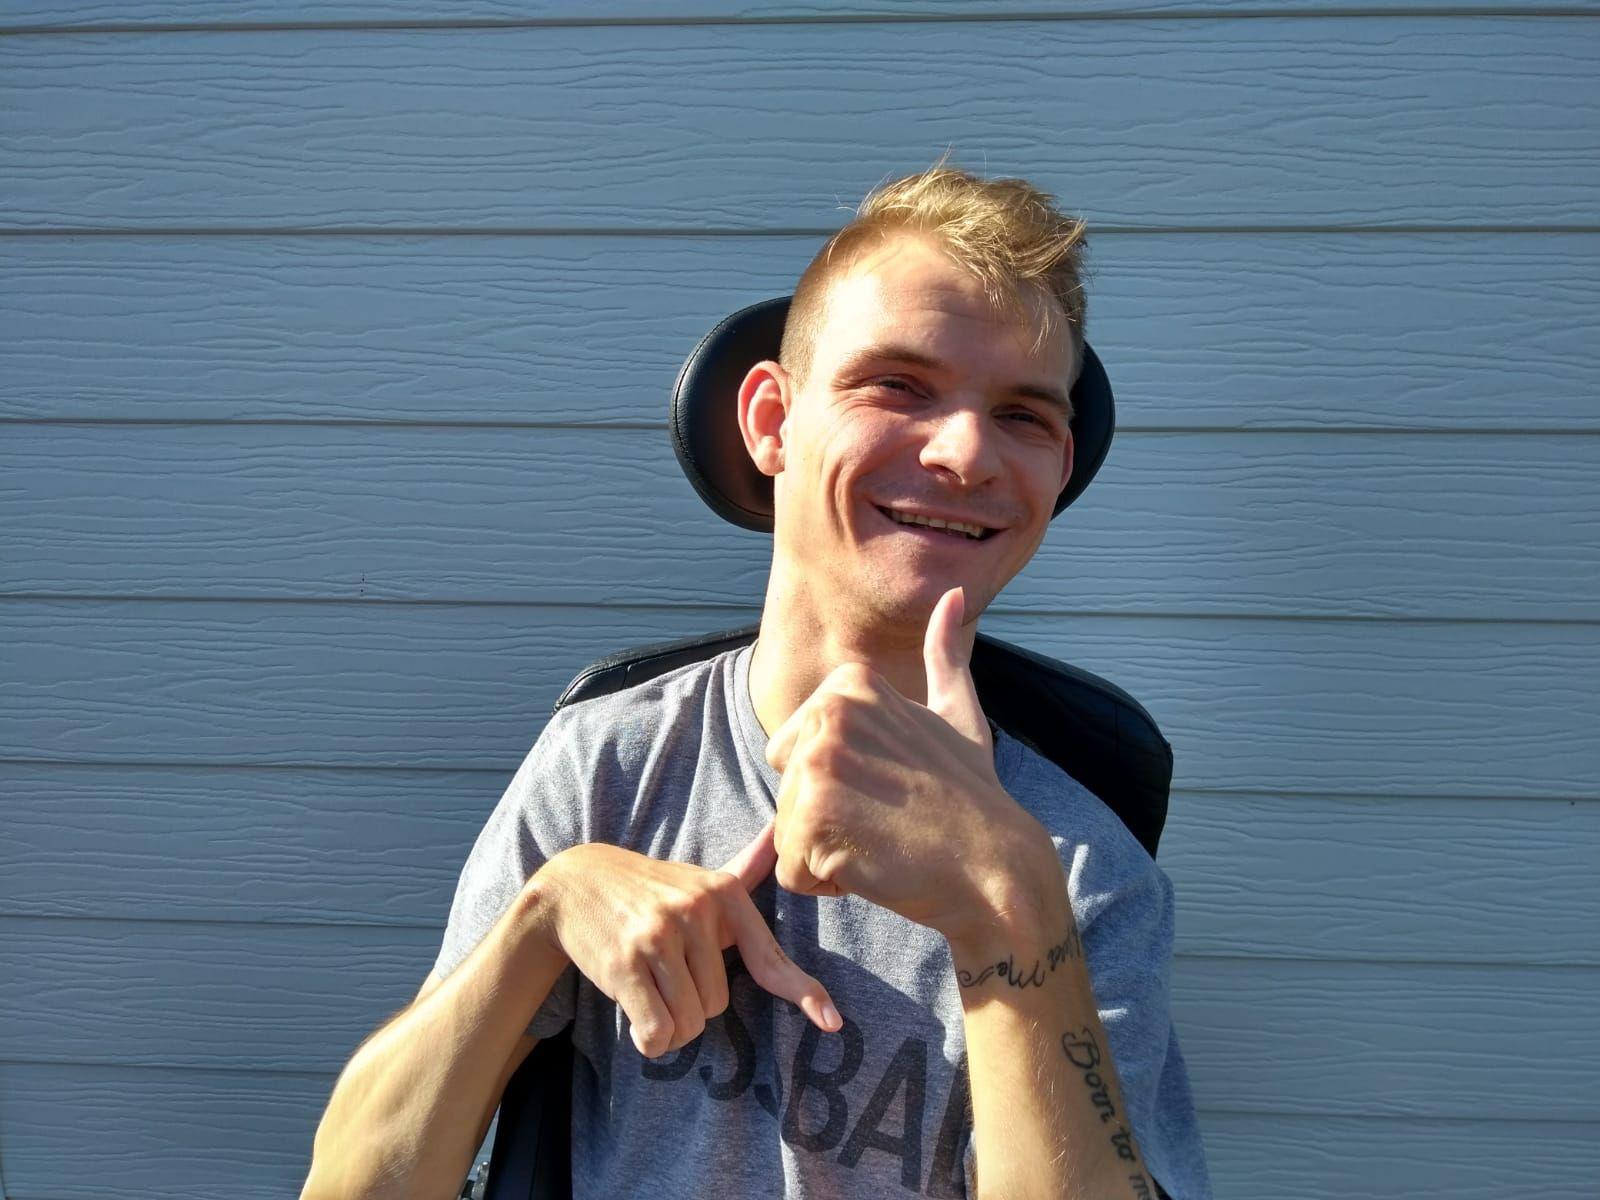 Glenn wil graag boodschappen doen   Glenn is een actieve gast van 26 uit Genk. Hij zit in een elektrische rolstoel en spreekt moeilijk. Maar hij wil graag naar de winkel en zélf kiezen welke lekkere dingen hij koopt.   Ik help Glenn boodschappen doen!